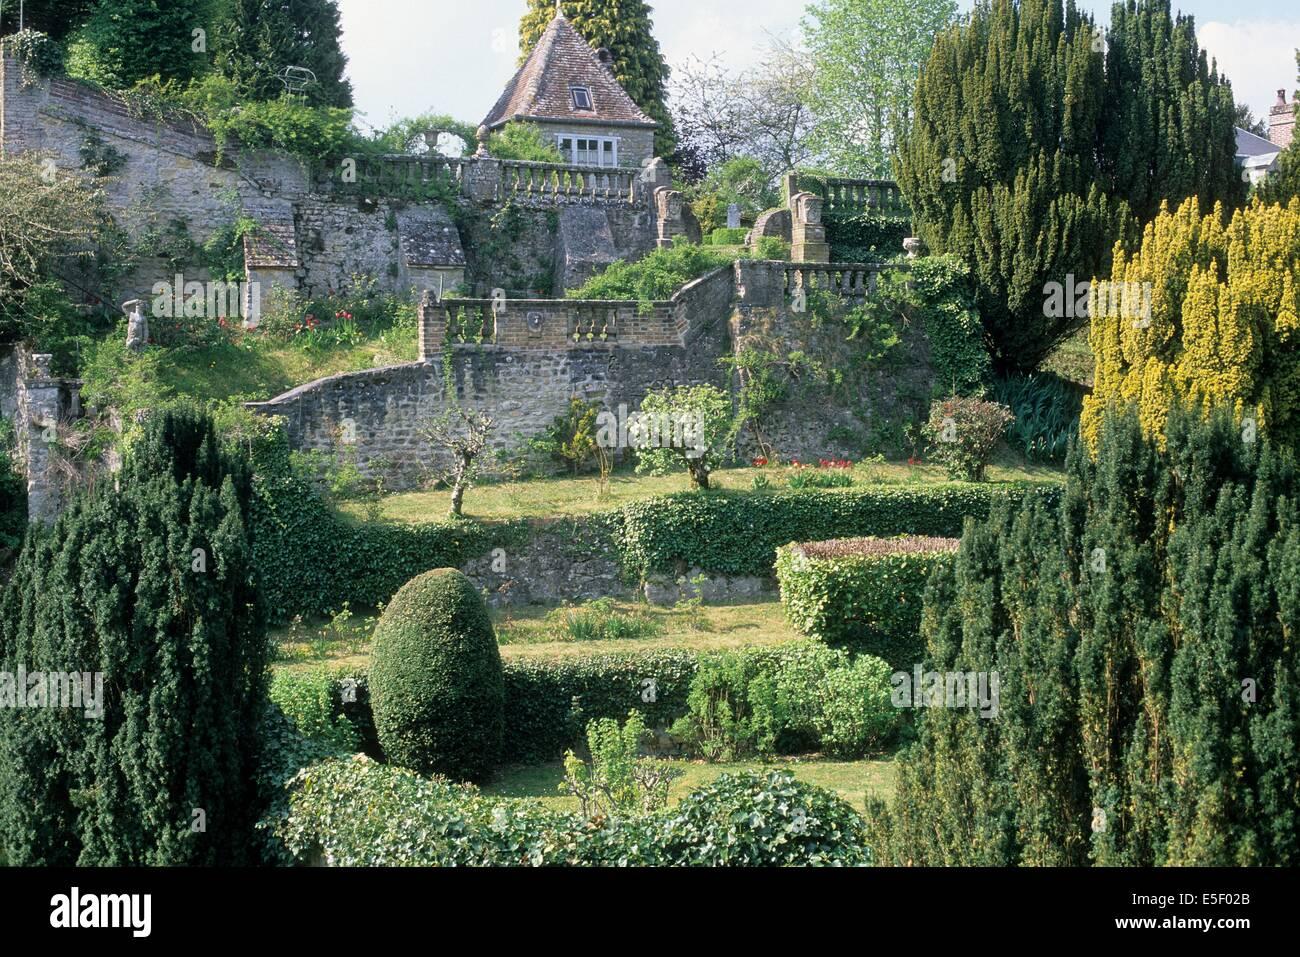 Terrasse En Bois Oise village de gerberoy stock photos & village de gerberoy stock